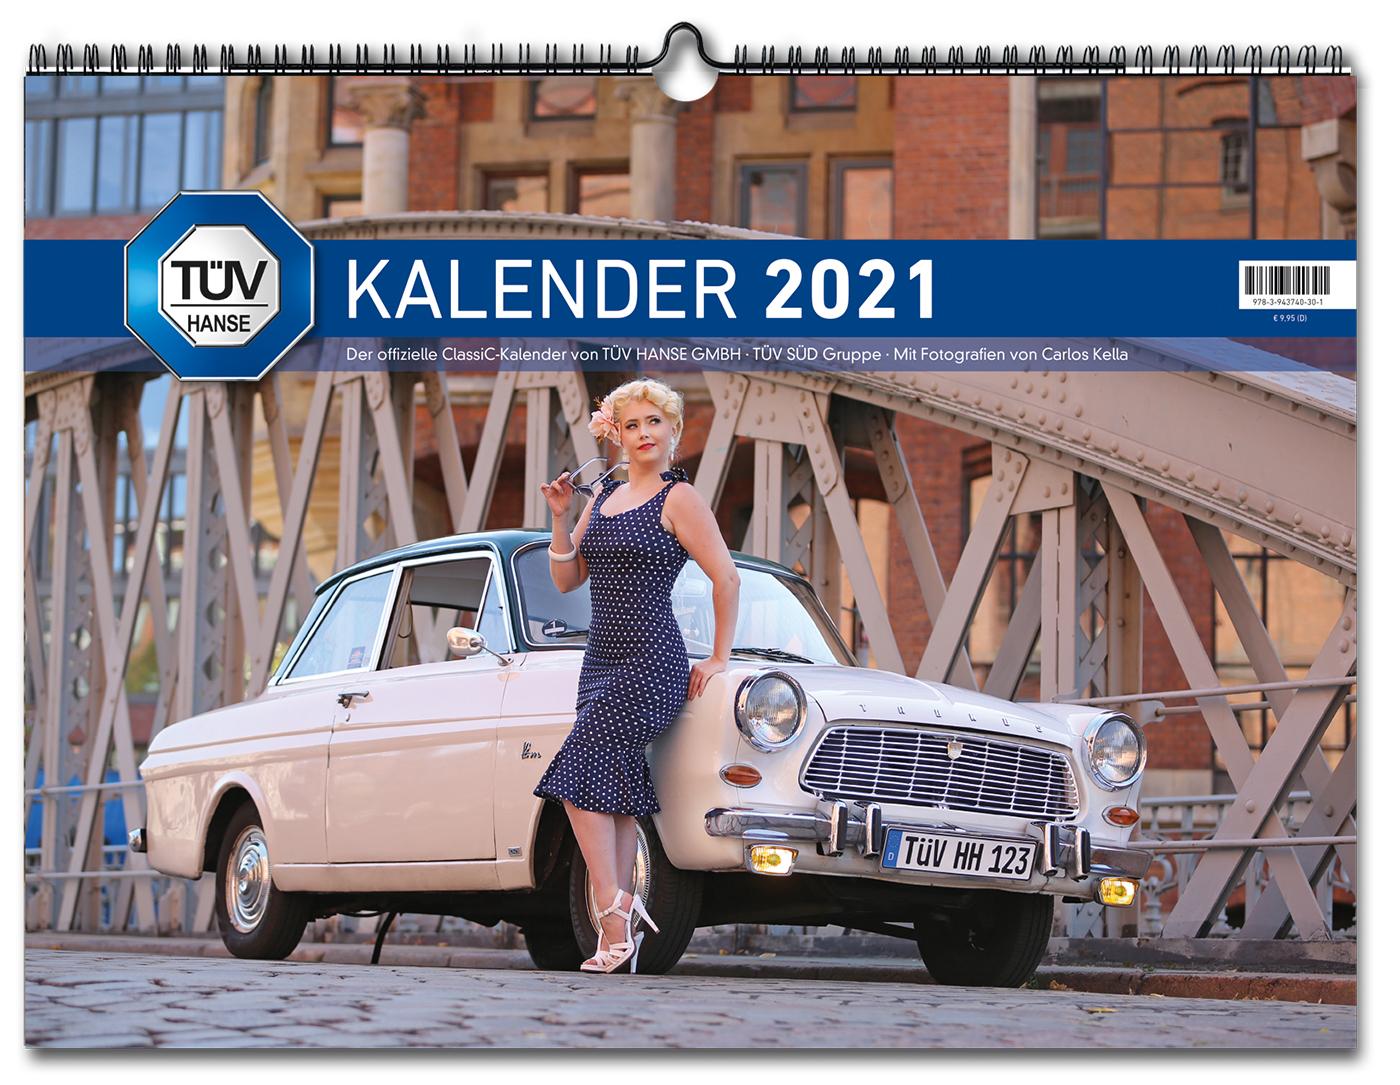 Der offizielle ClassiC-Kalender 2021 von TÜV HANSE GMBH • TÜV SÜD Gruppe mit 12 klassischen Automobilen, die von Carlos Kella | Photography einem der renommiertesten Fotografen der Oldtimer-Szene inszeniert wurden. Auf dem Titel: Paula Walks und ein Ford Taunus 12 MP4 von 1965